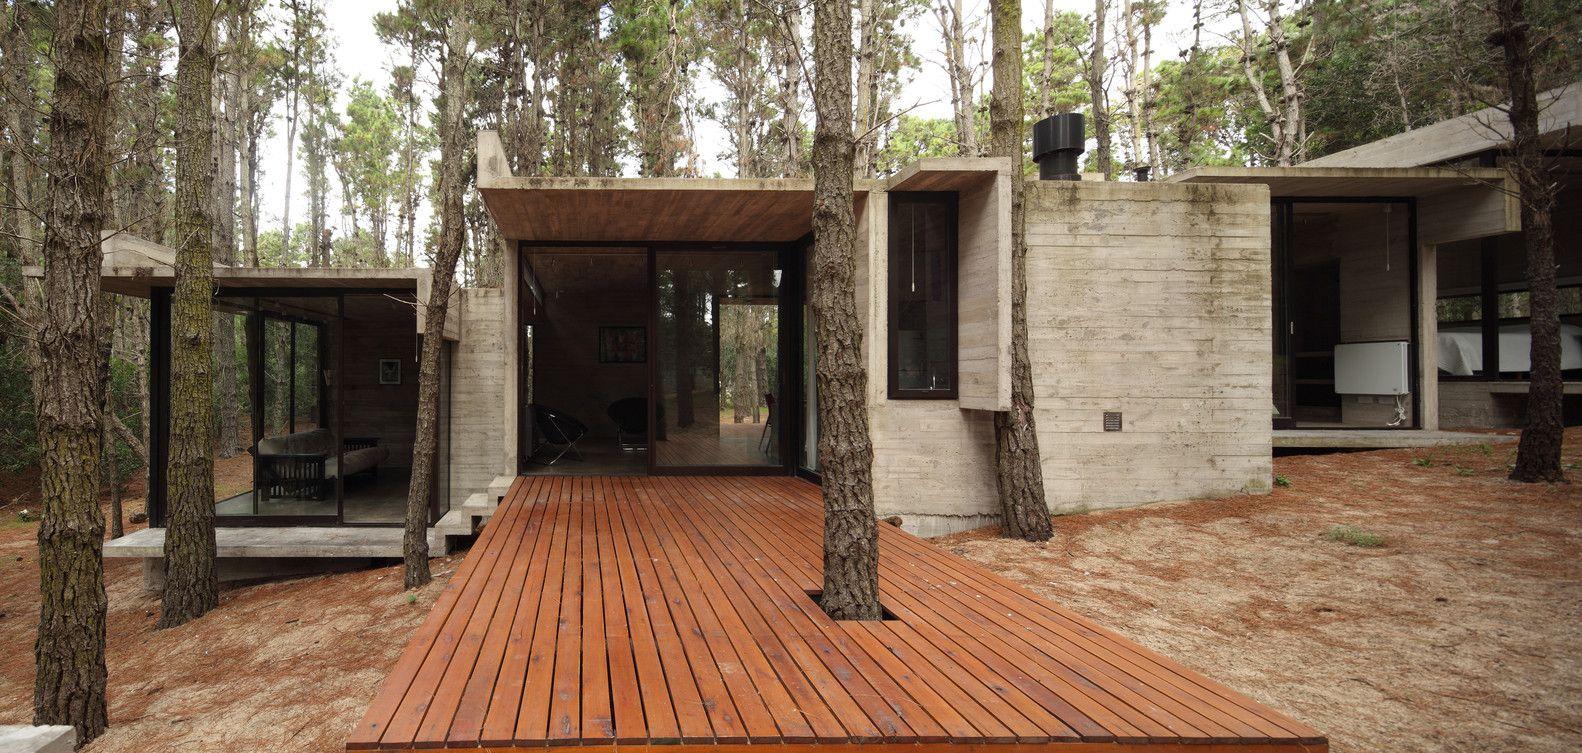 Galería - Casa AV / María Victoria Besonías + Luciano Kruk - 14